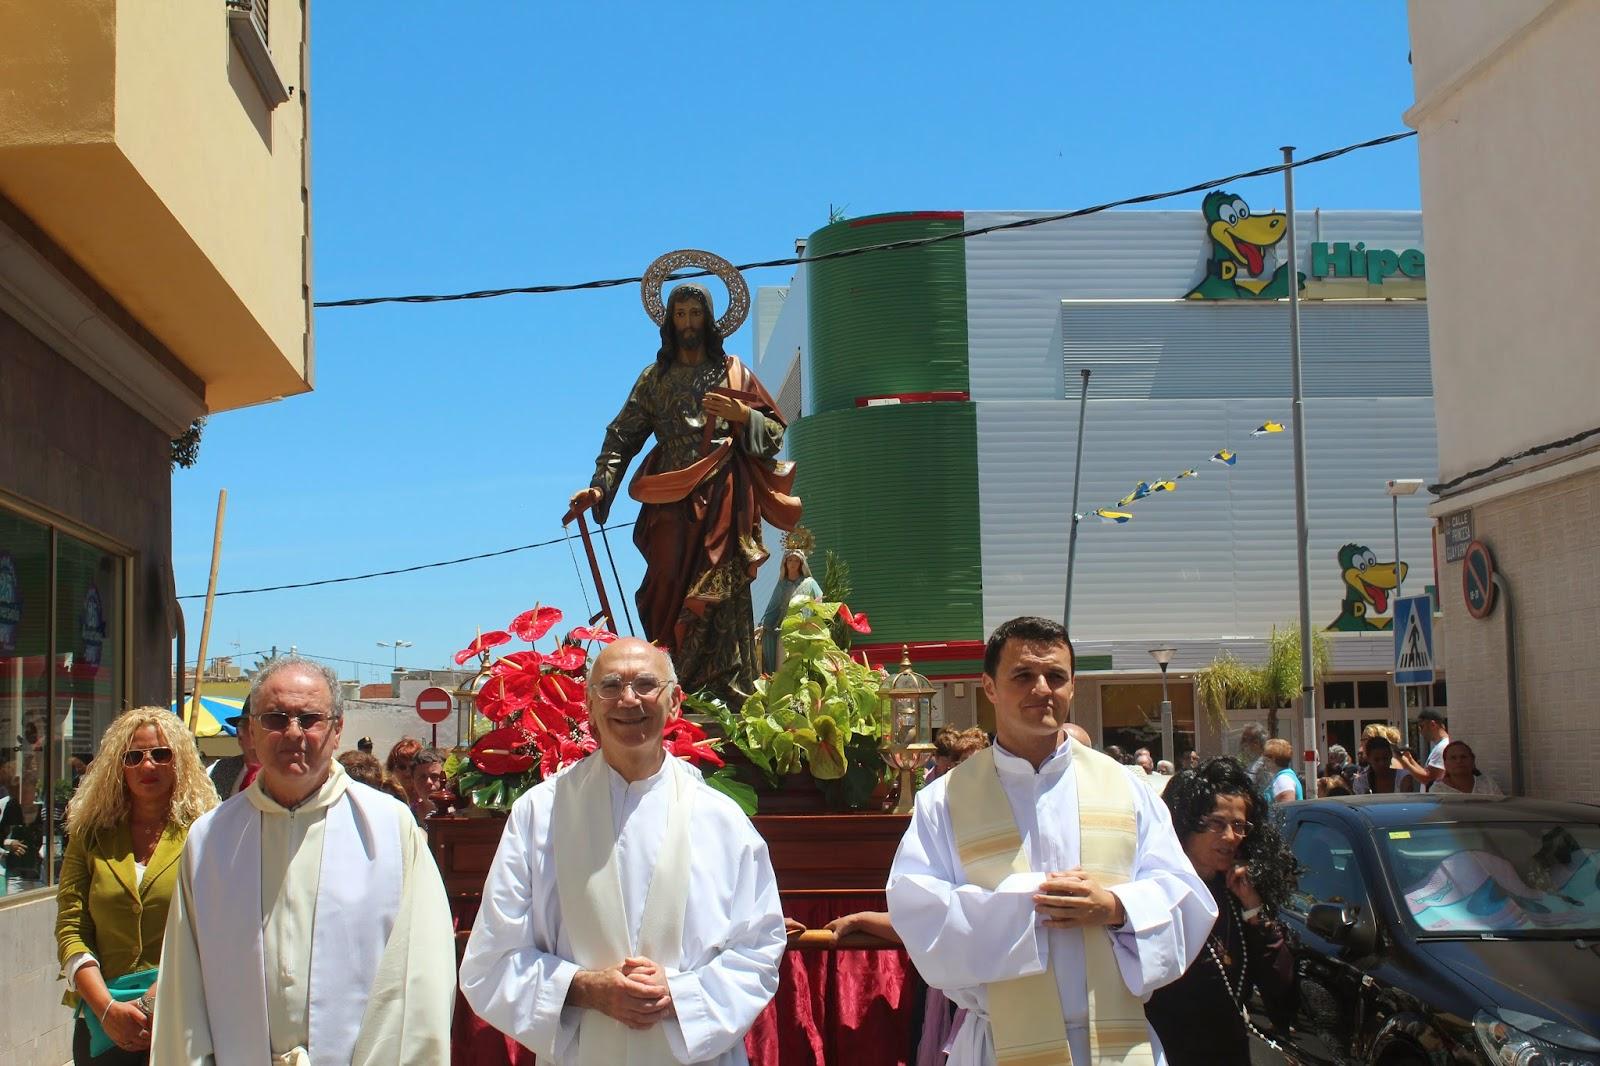 FOTOS PROCESIÓN 1 MAYO 2015 EN CRUCE DE ARINAGA